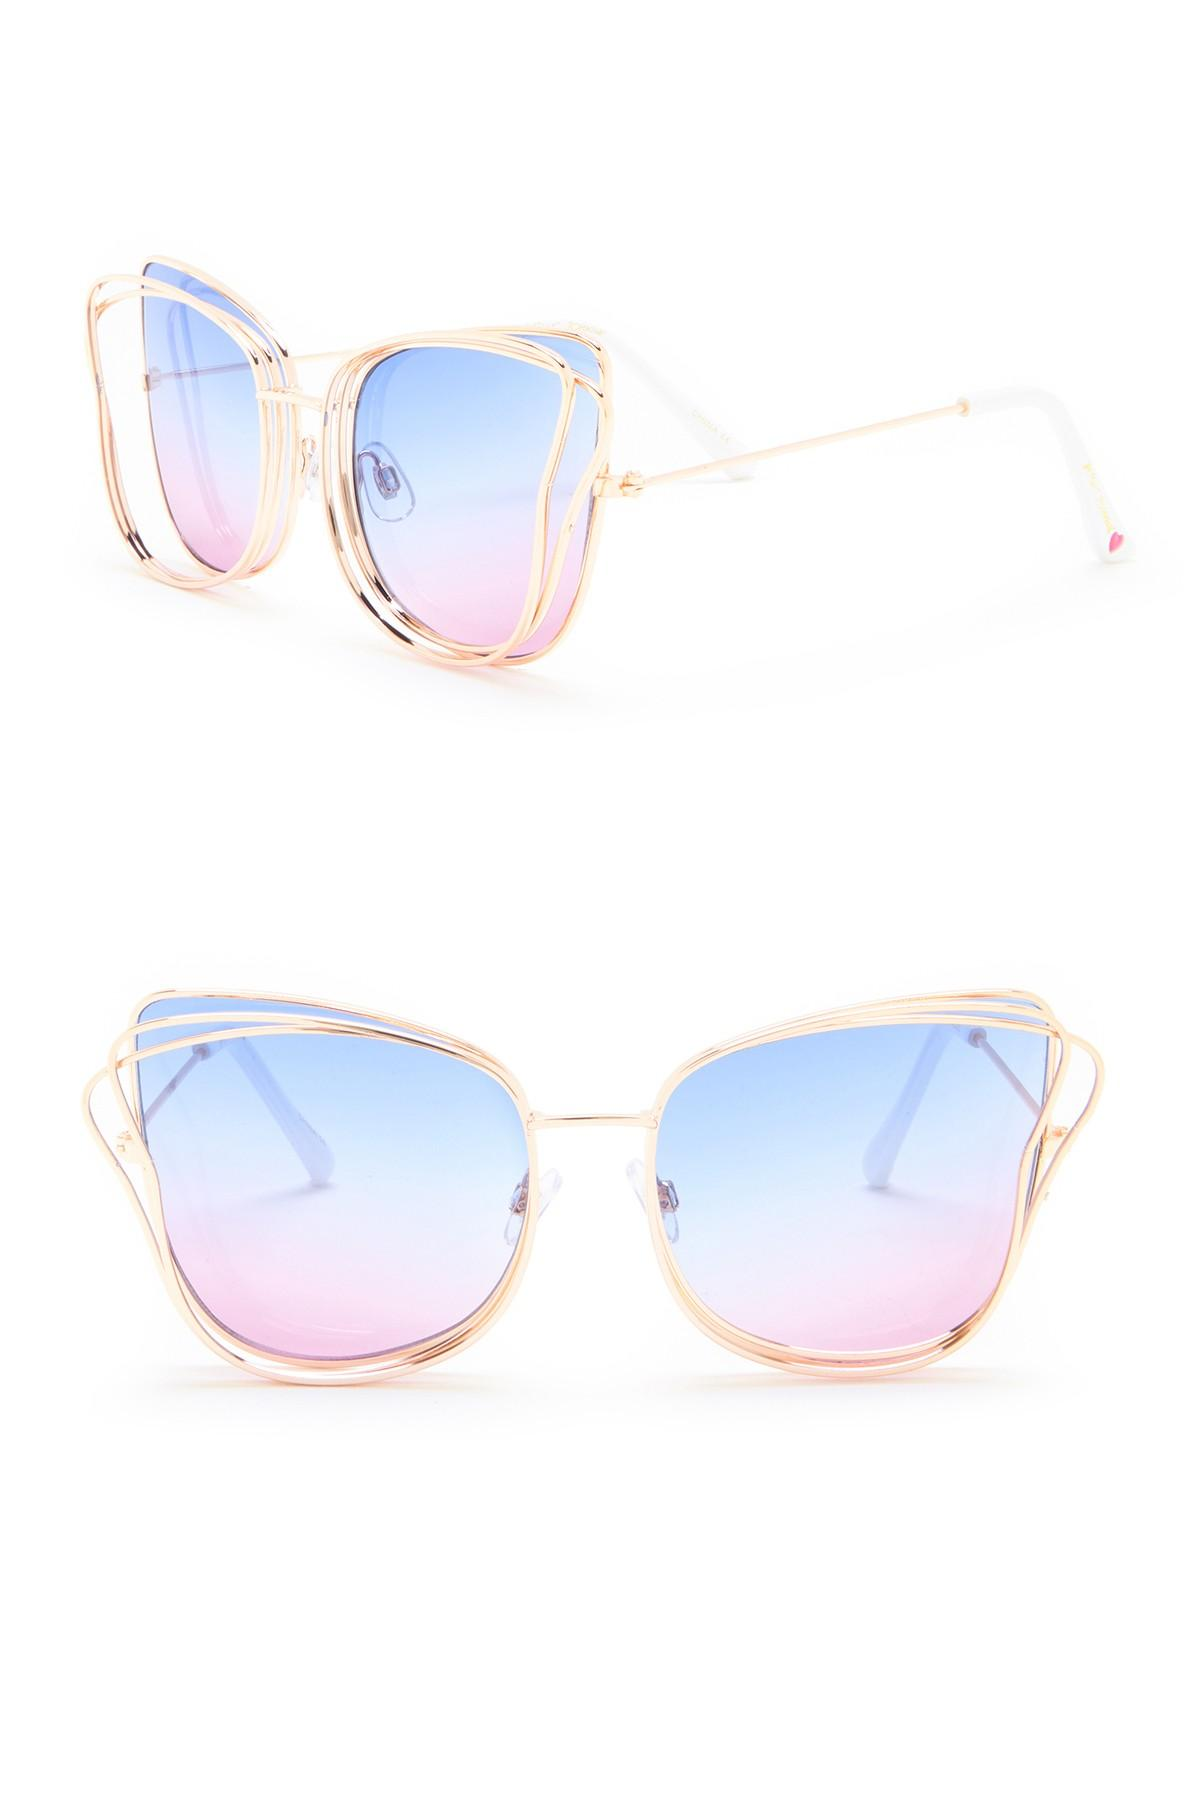 6da4357cba382 Betsey Johnson 3-d Cat Eye Sunglasses in Blue - Lyst